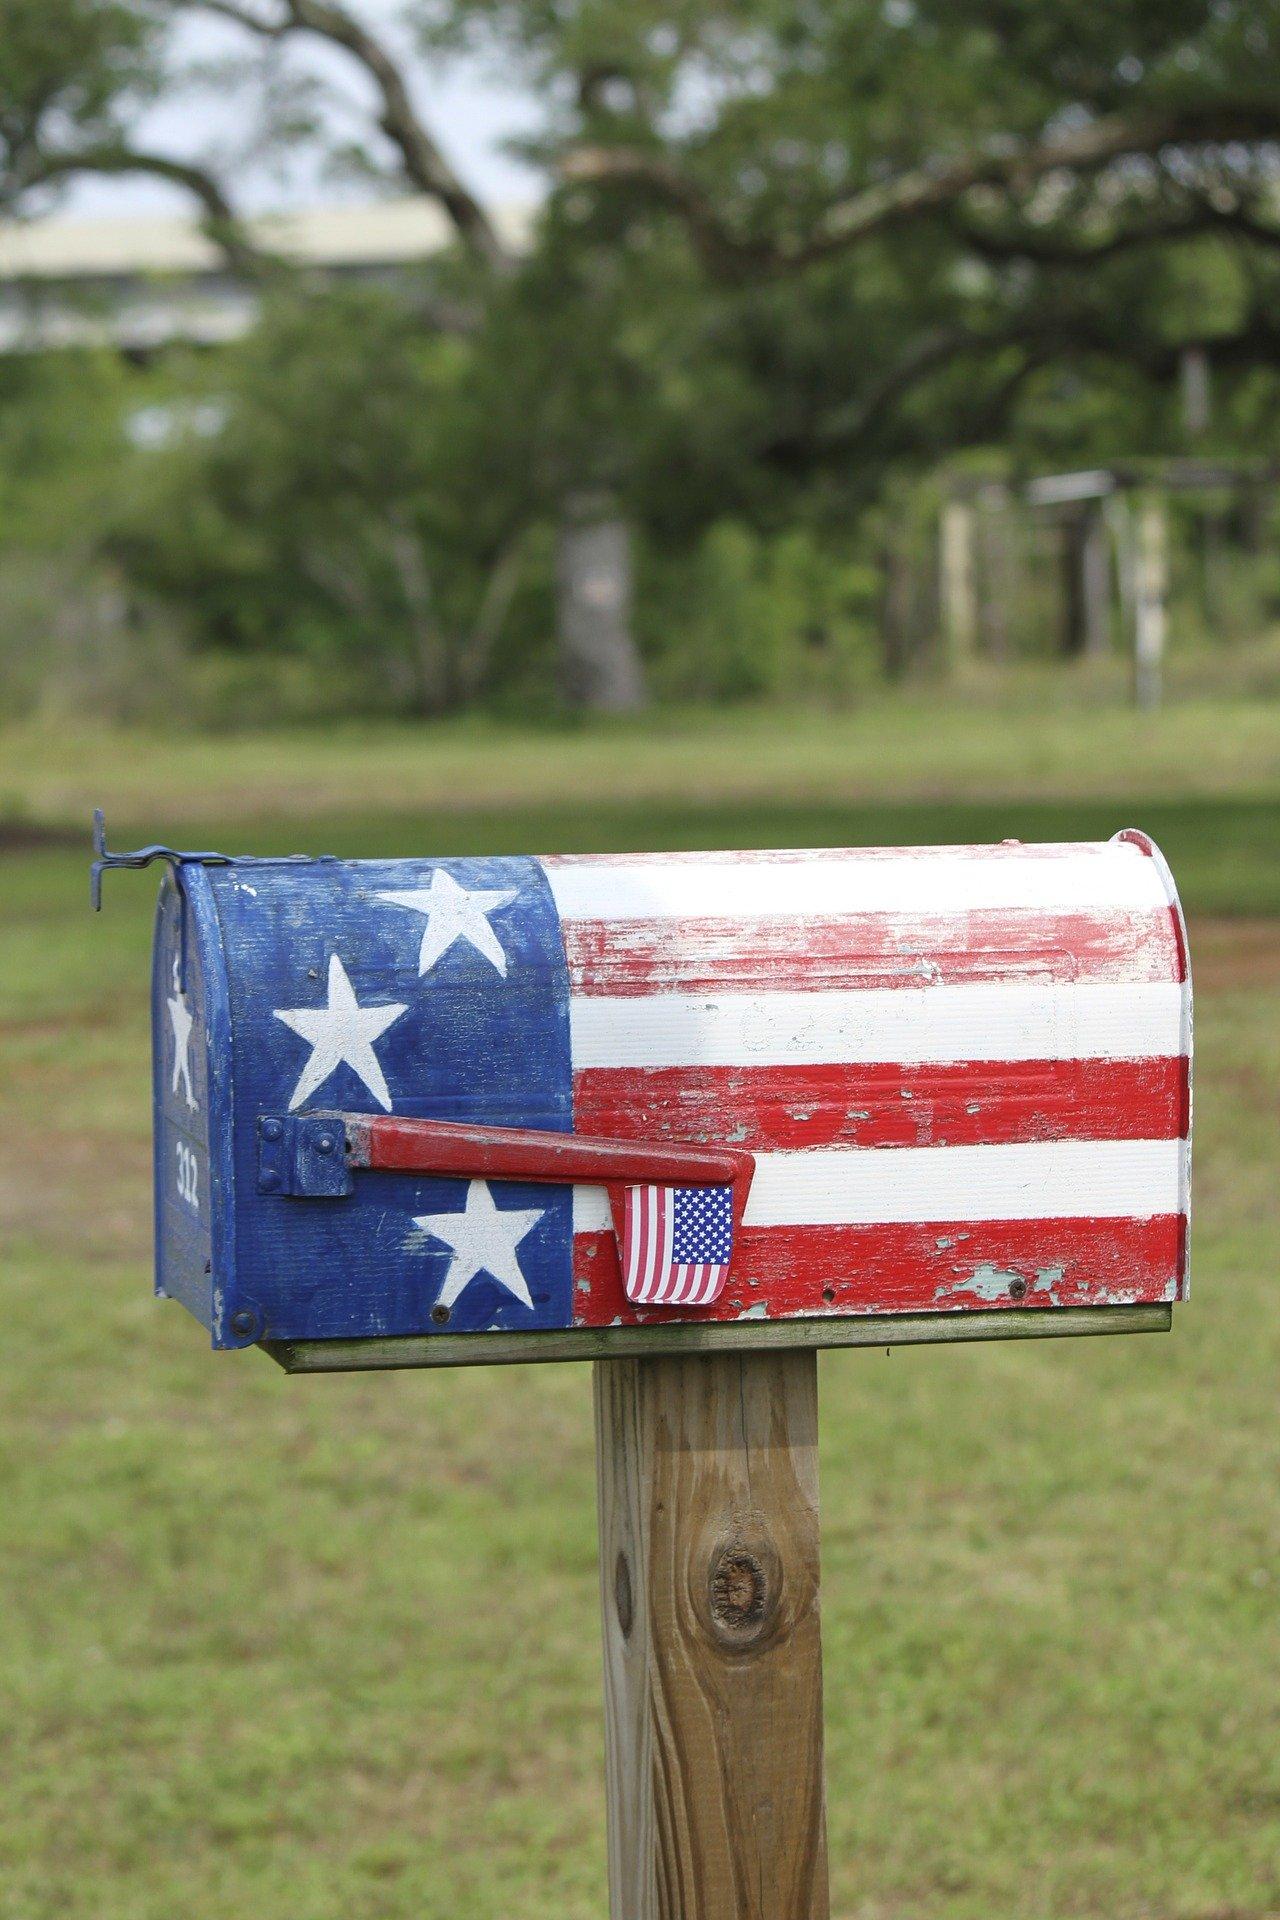 Amerikanische Briefkästen gibt es in unterschiedlichen Farben. Sie lassen sich jedoch auch gut selbst bemalen.